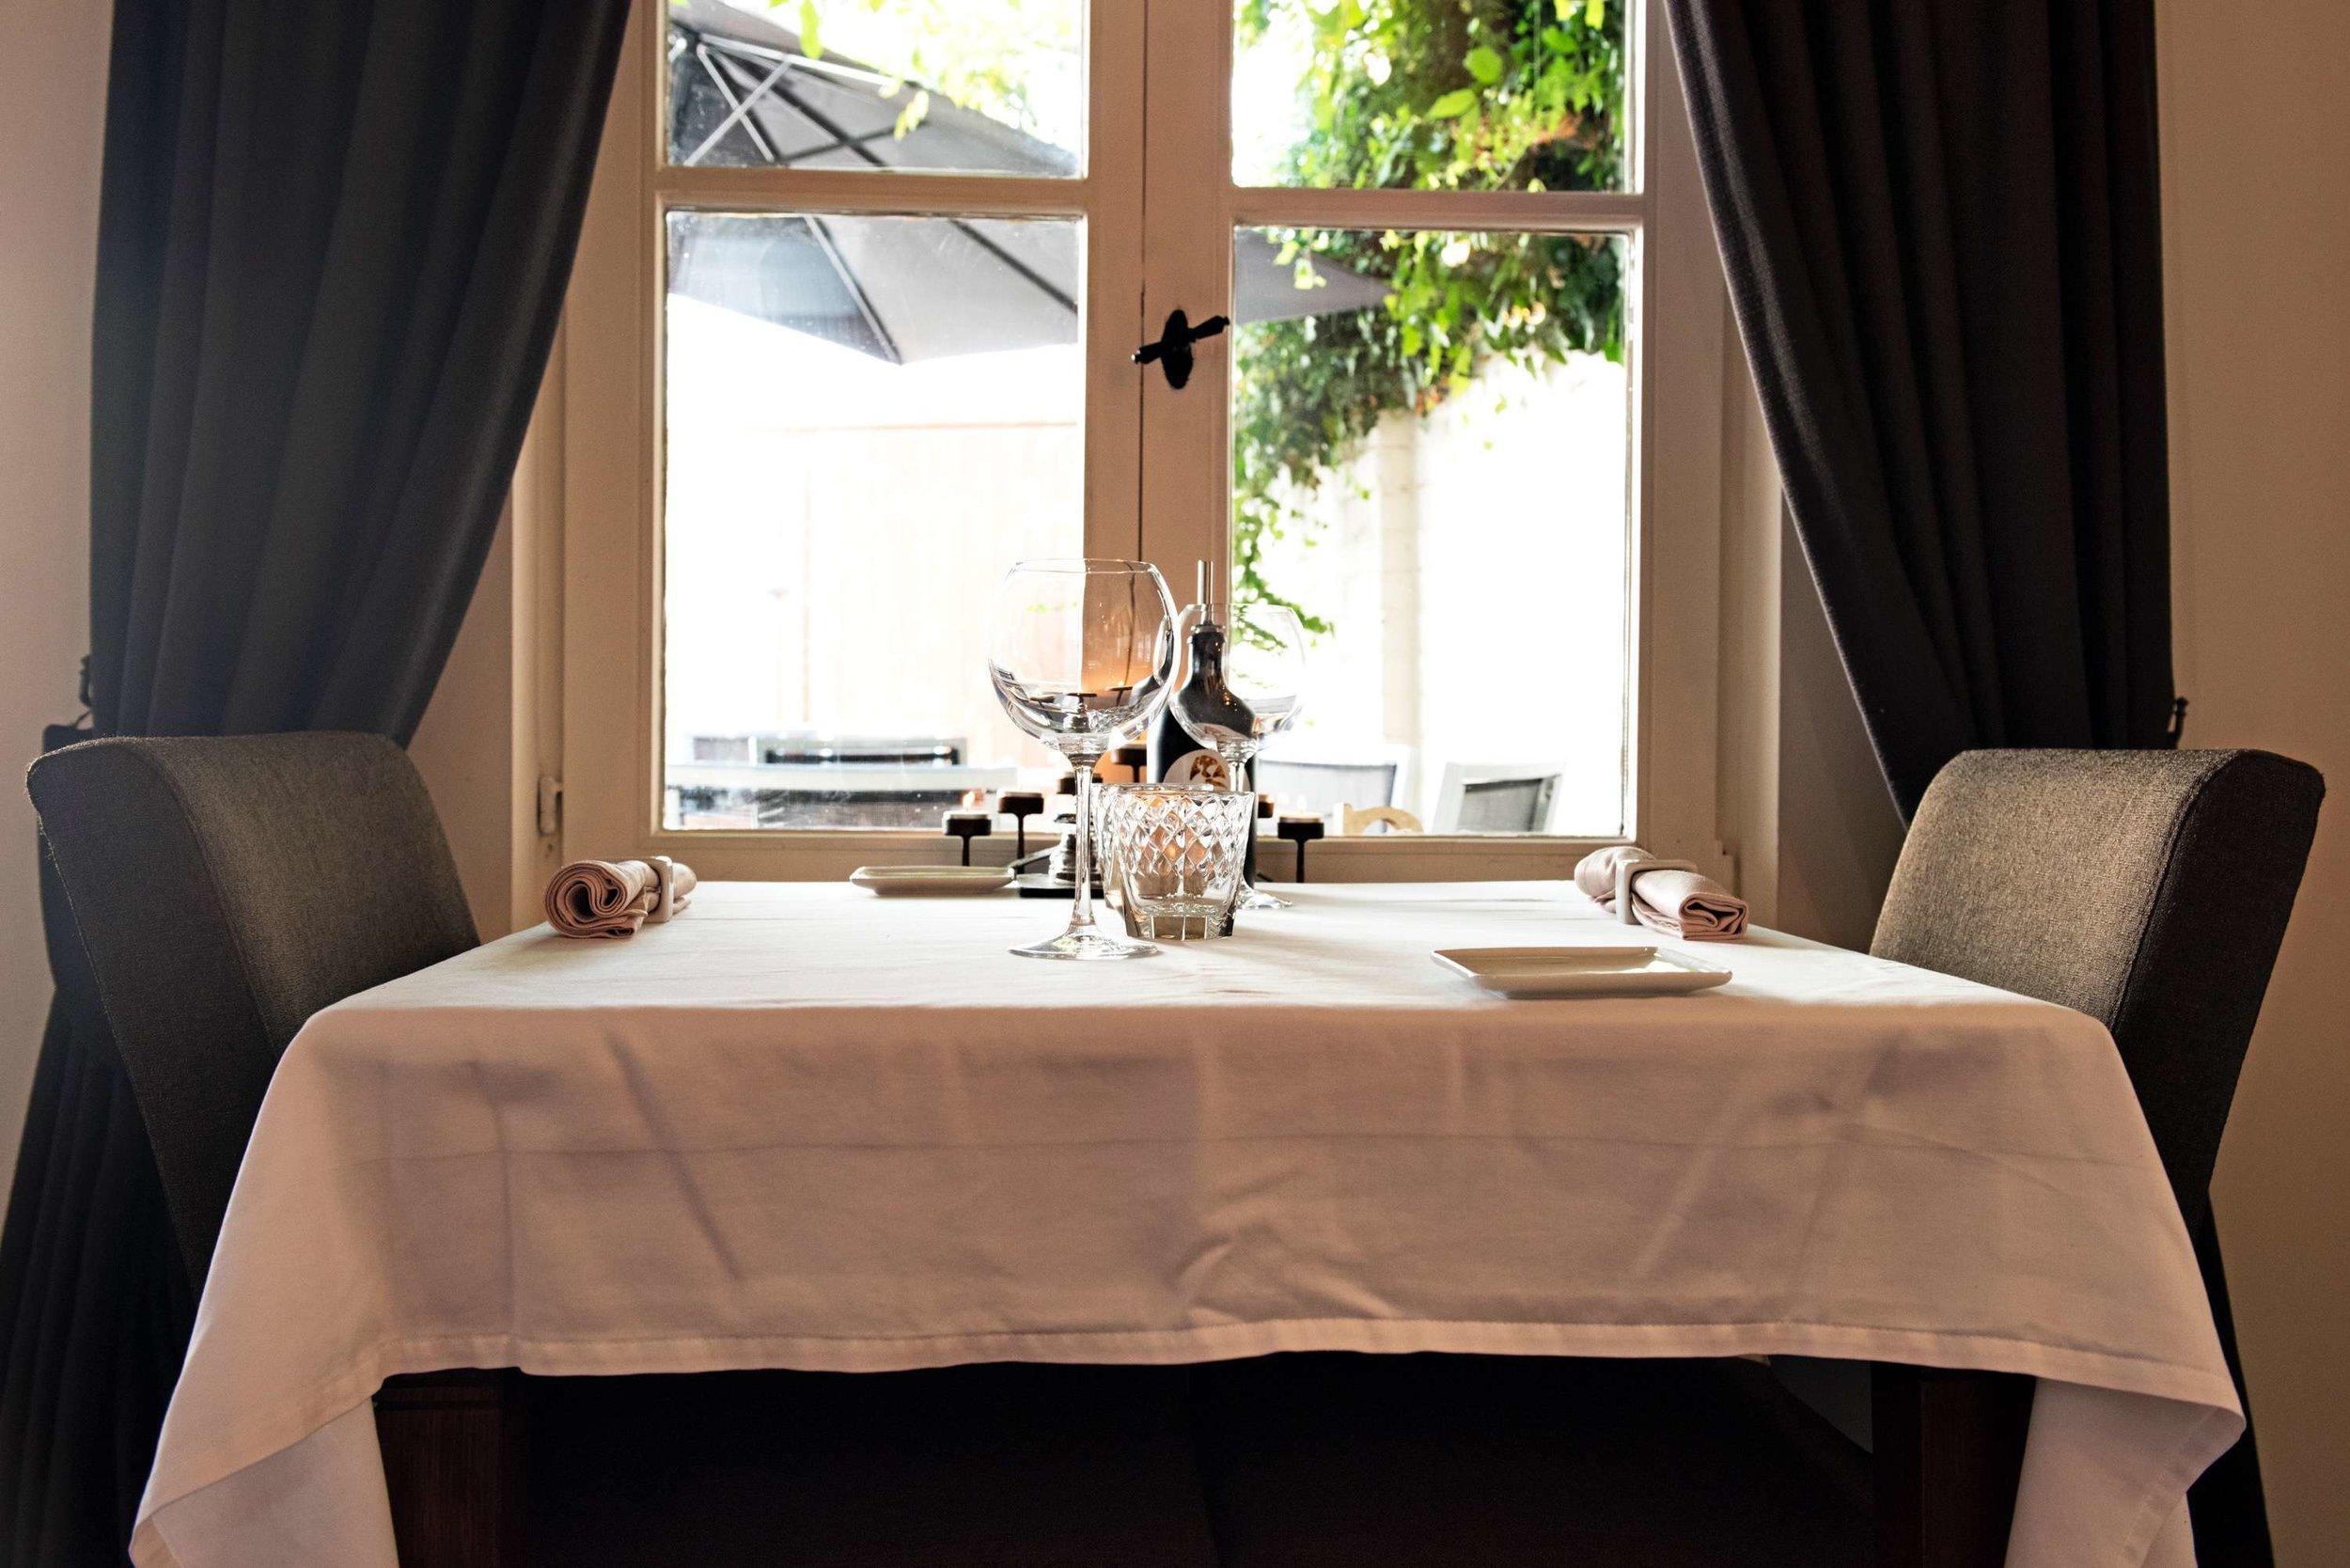 bouffard mol restaurant bart albrecht tablefever 8.jpg